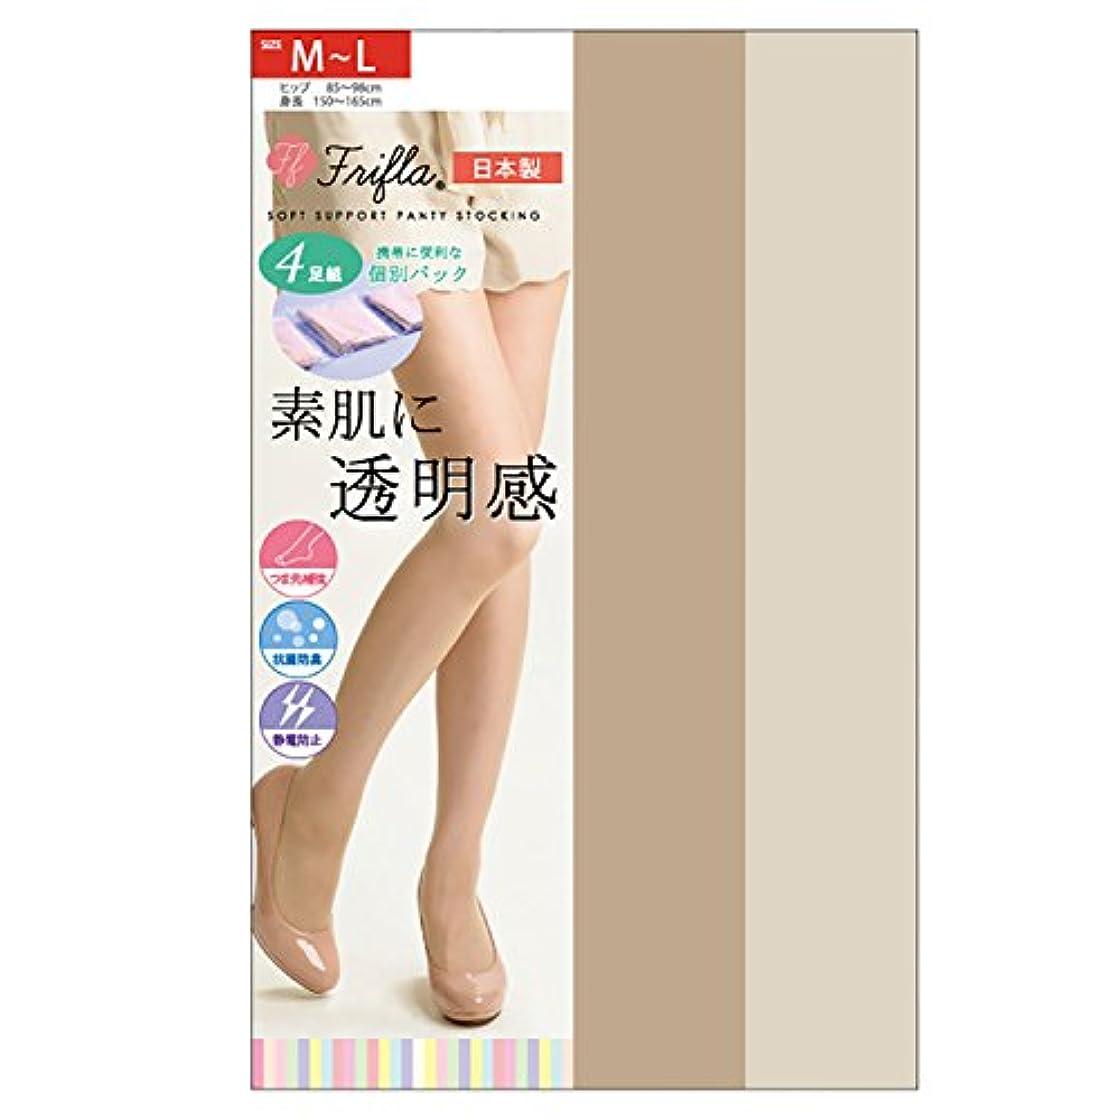 人里離れた輝く緑素肌に透明感 ソフトサポートタイプ 交編ストッキング 4足組 日本製-素肌感 個包装 抗菌防臭 静電気防止 M-L L-LL パンスト (M-L, ピュアベージュ)